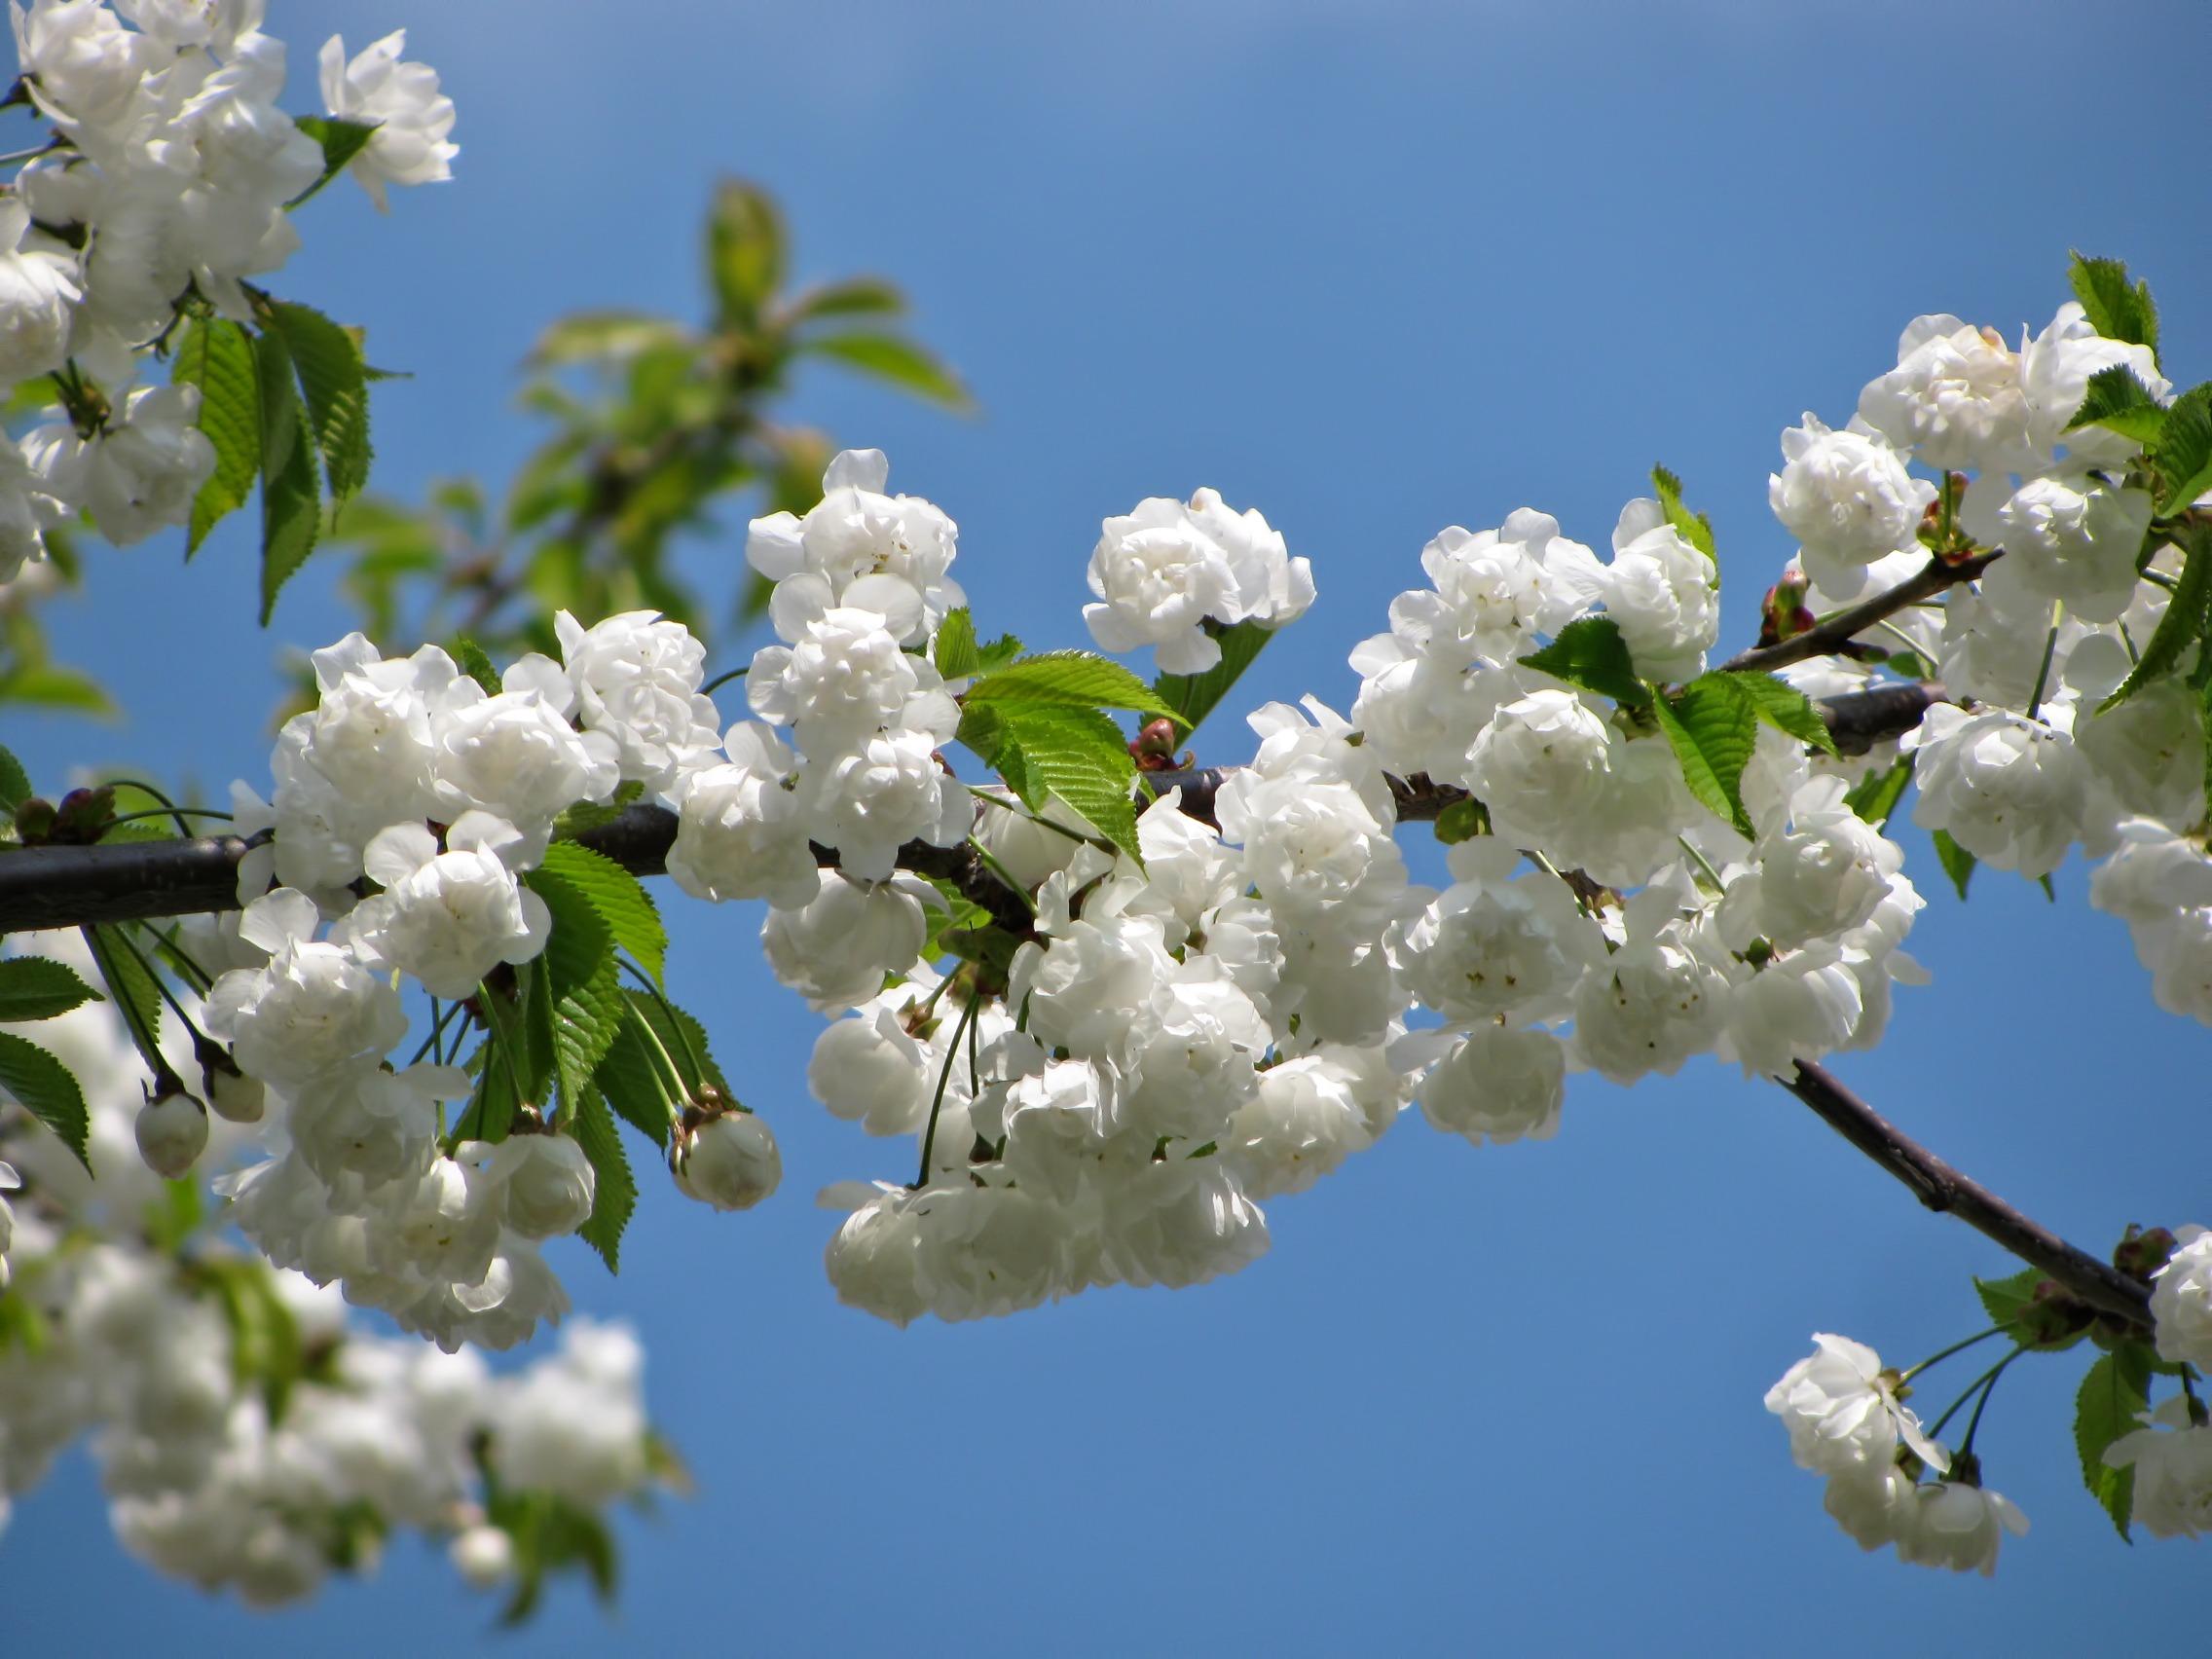 fleurs © Pixabay CC0 - jingoba